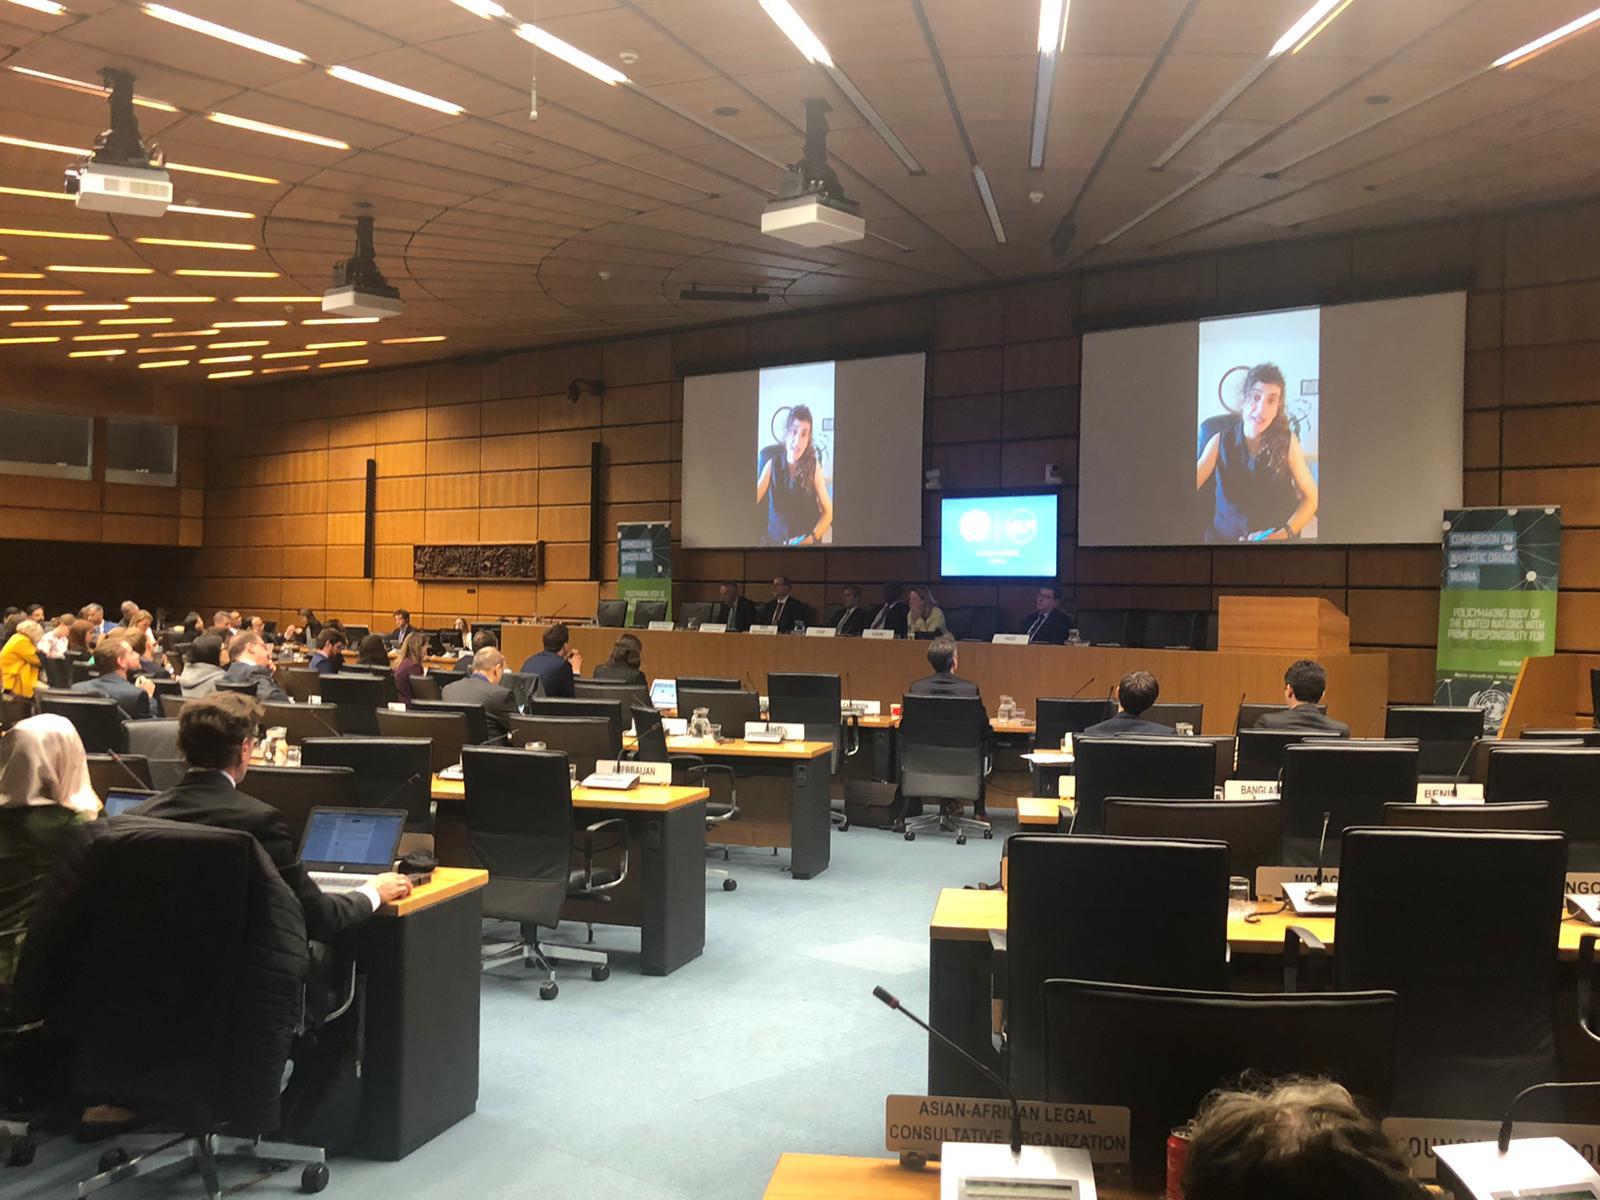 Energy Control – ABD exposa els avantatges dels Serveis d'Anàlisi de Drogues a la Comissió sobre Estupefaents de l'ONU